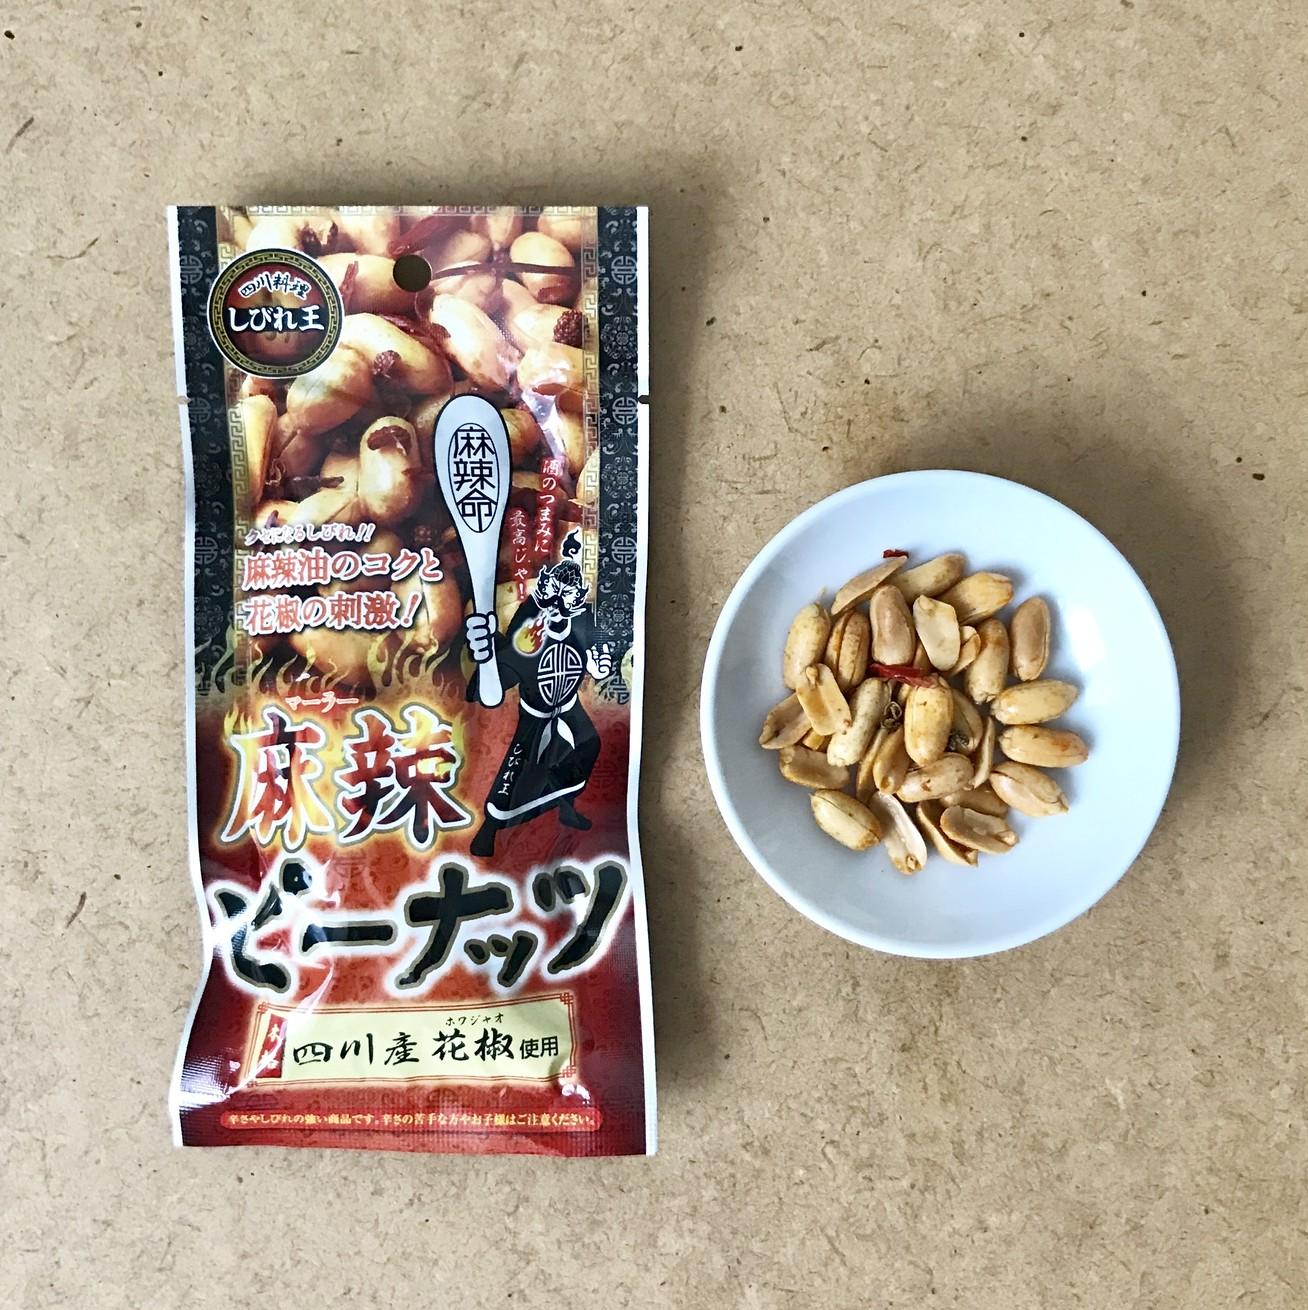 しびれ王 麻辣ピーナッツ¥129/カルディ コーヒーファーム